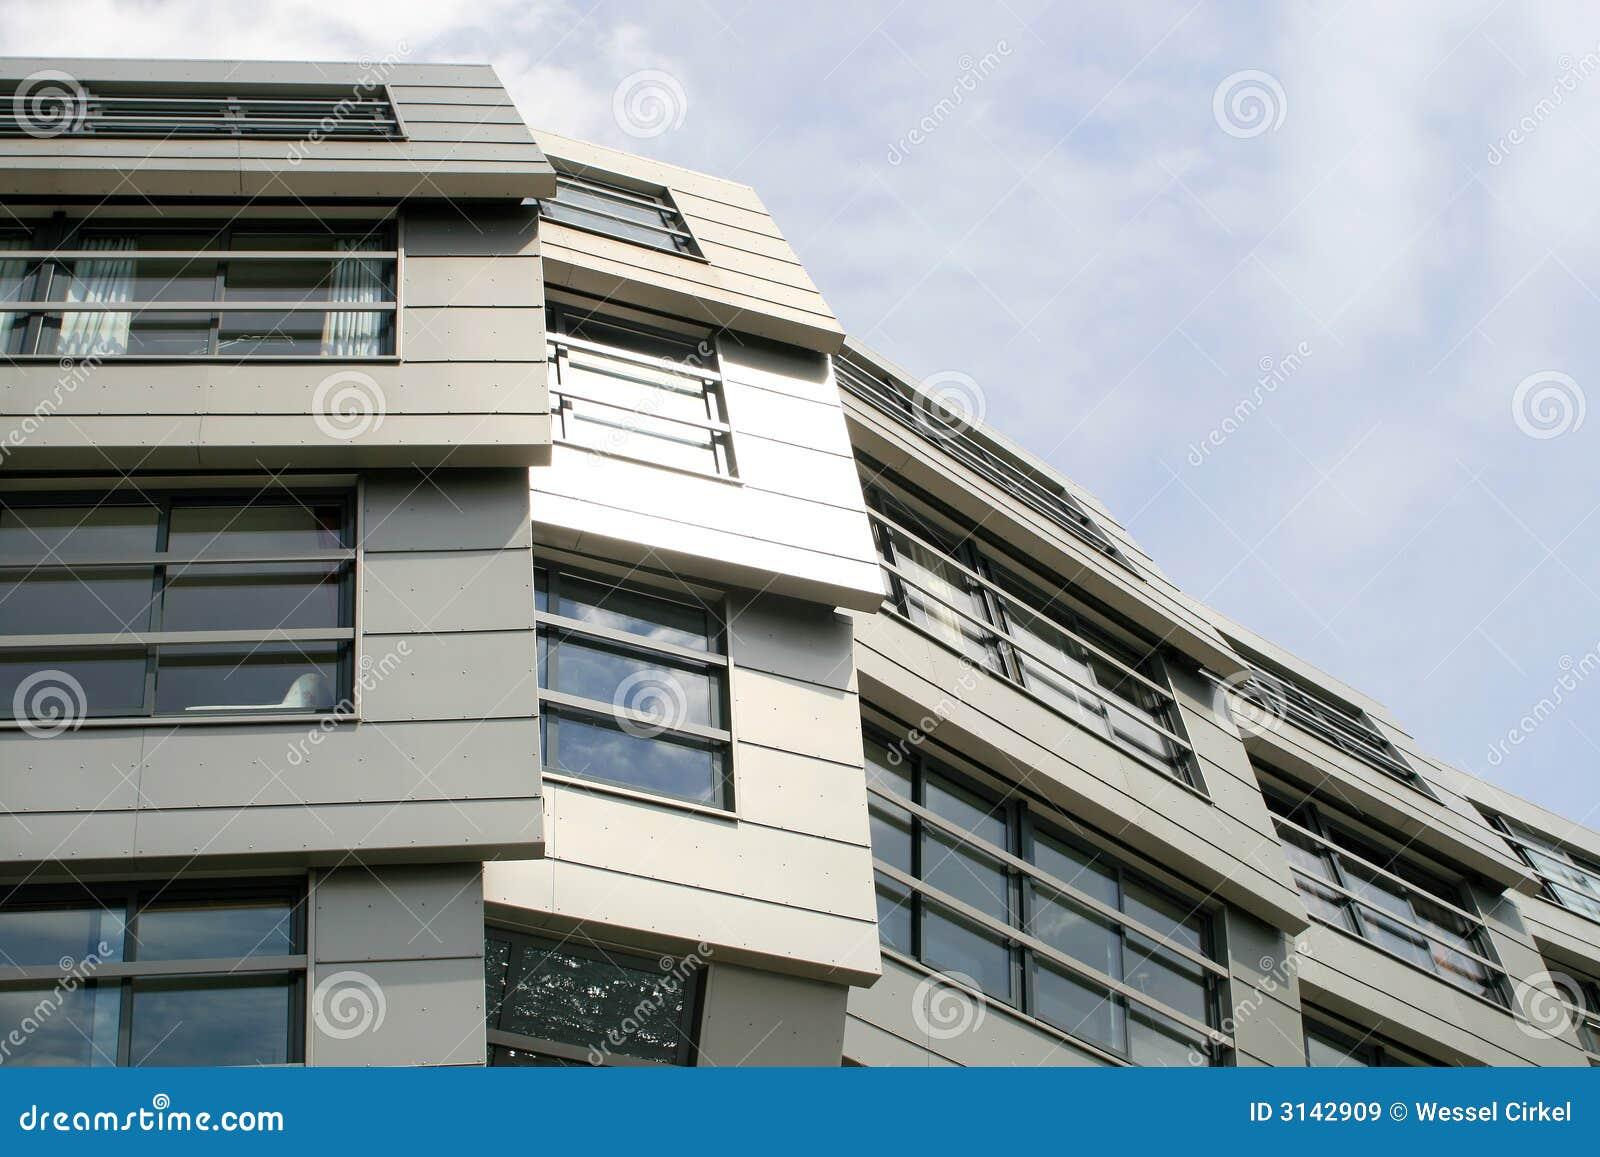 Appartamenti moderni in almere immagine stock immagine for Immagini appartamenti moderni